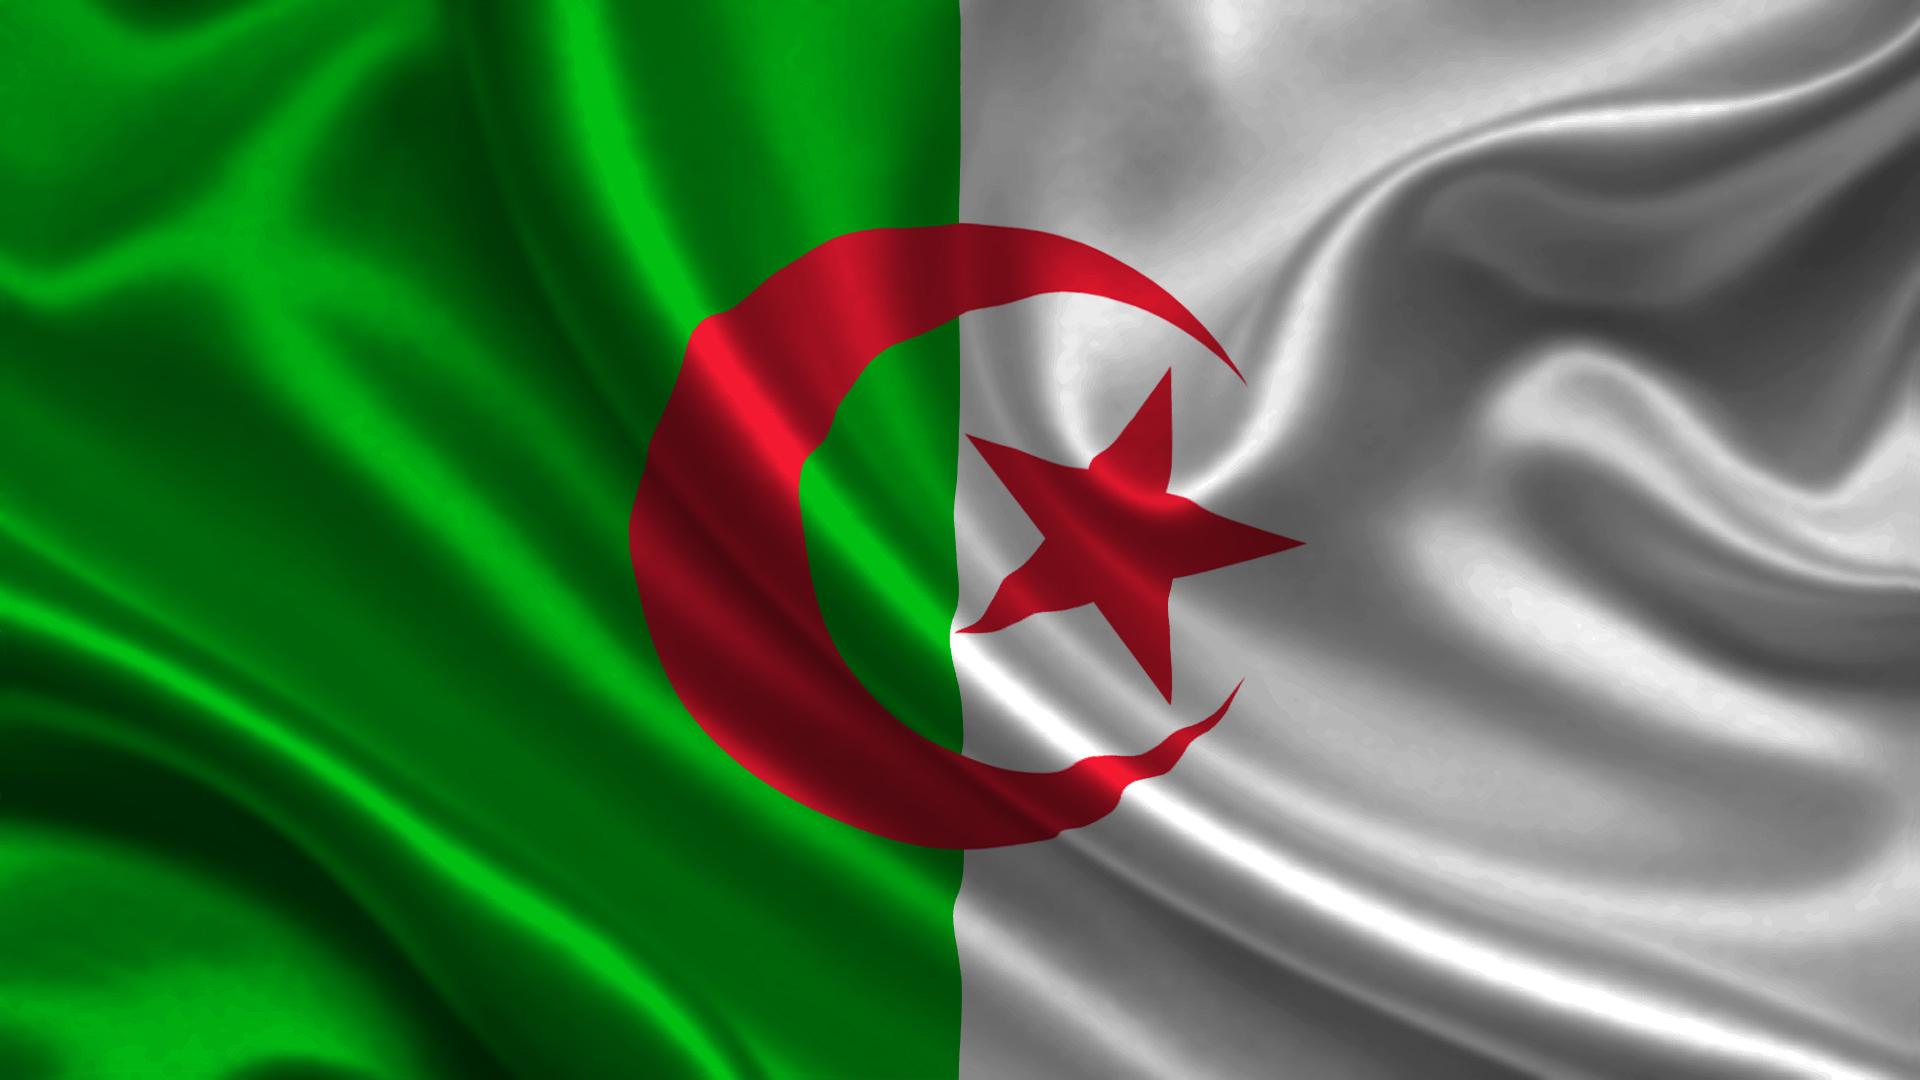 ... صور علم الجزائر (2)